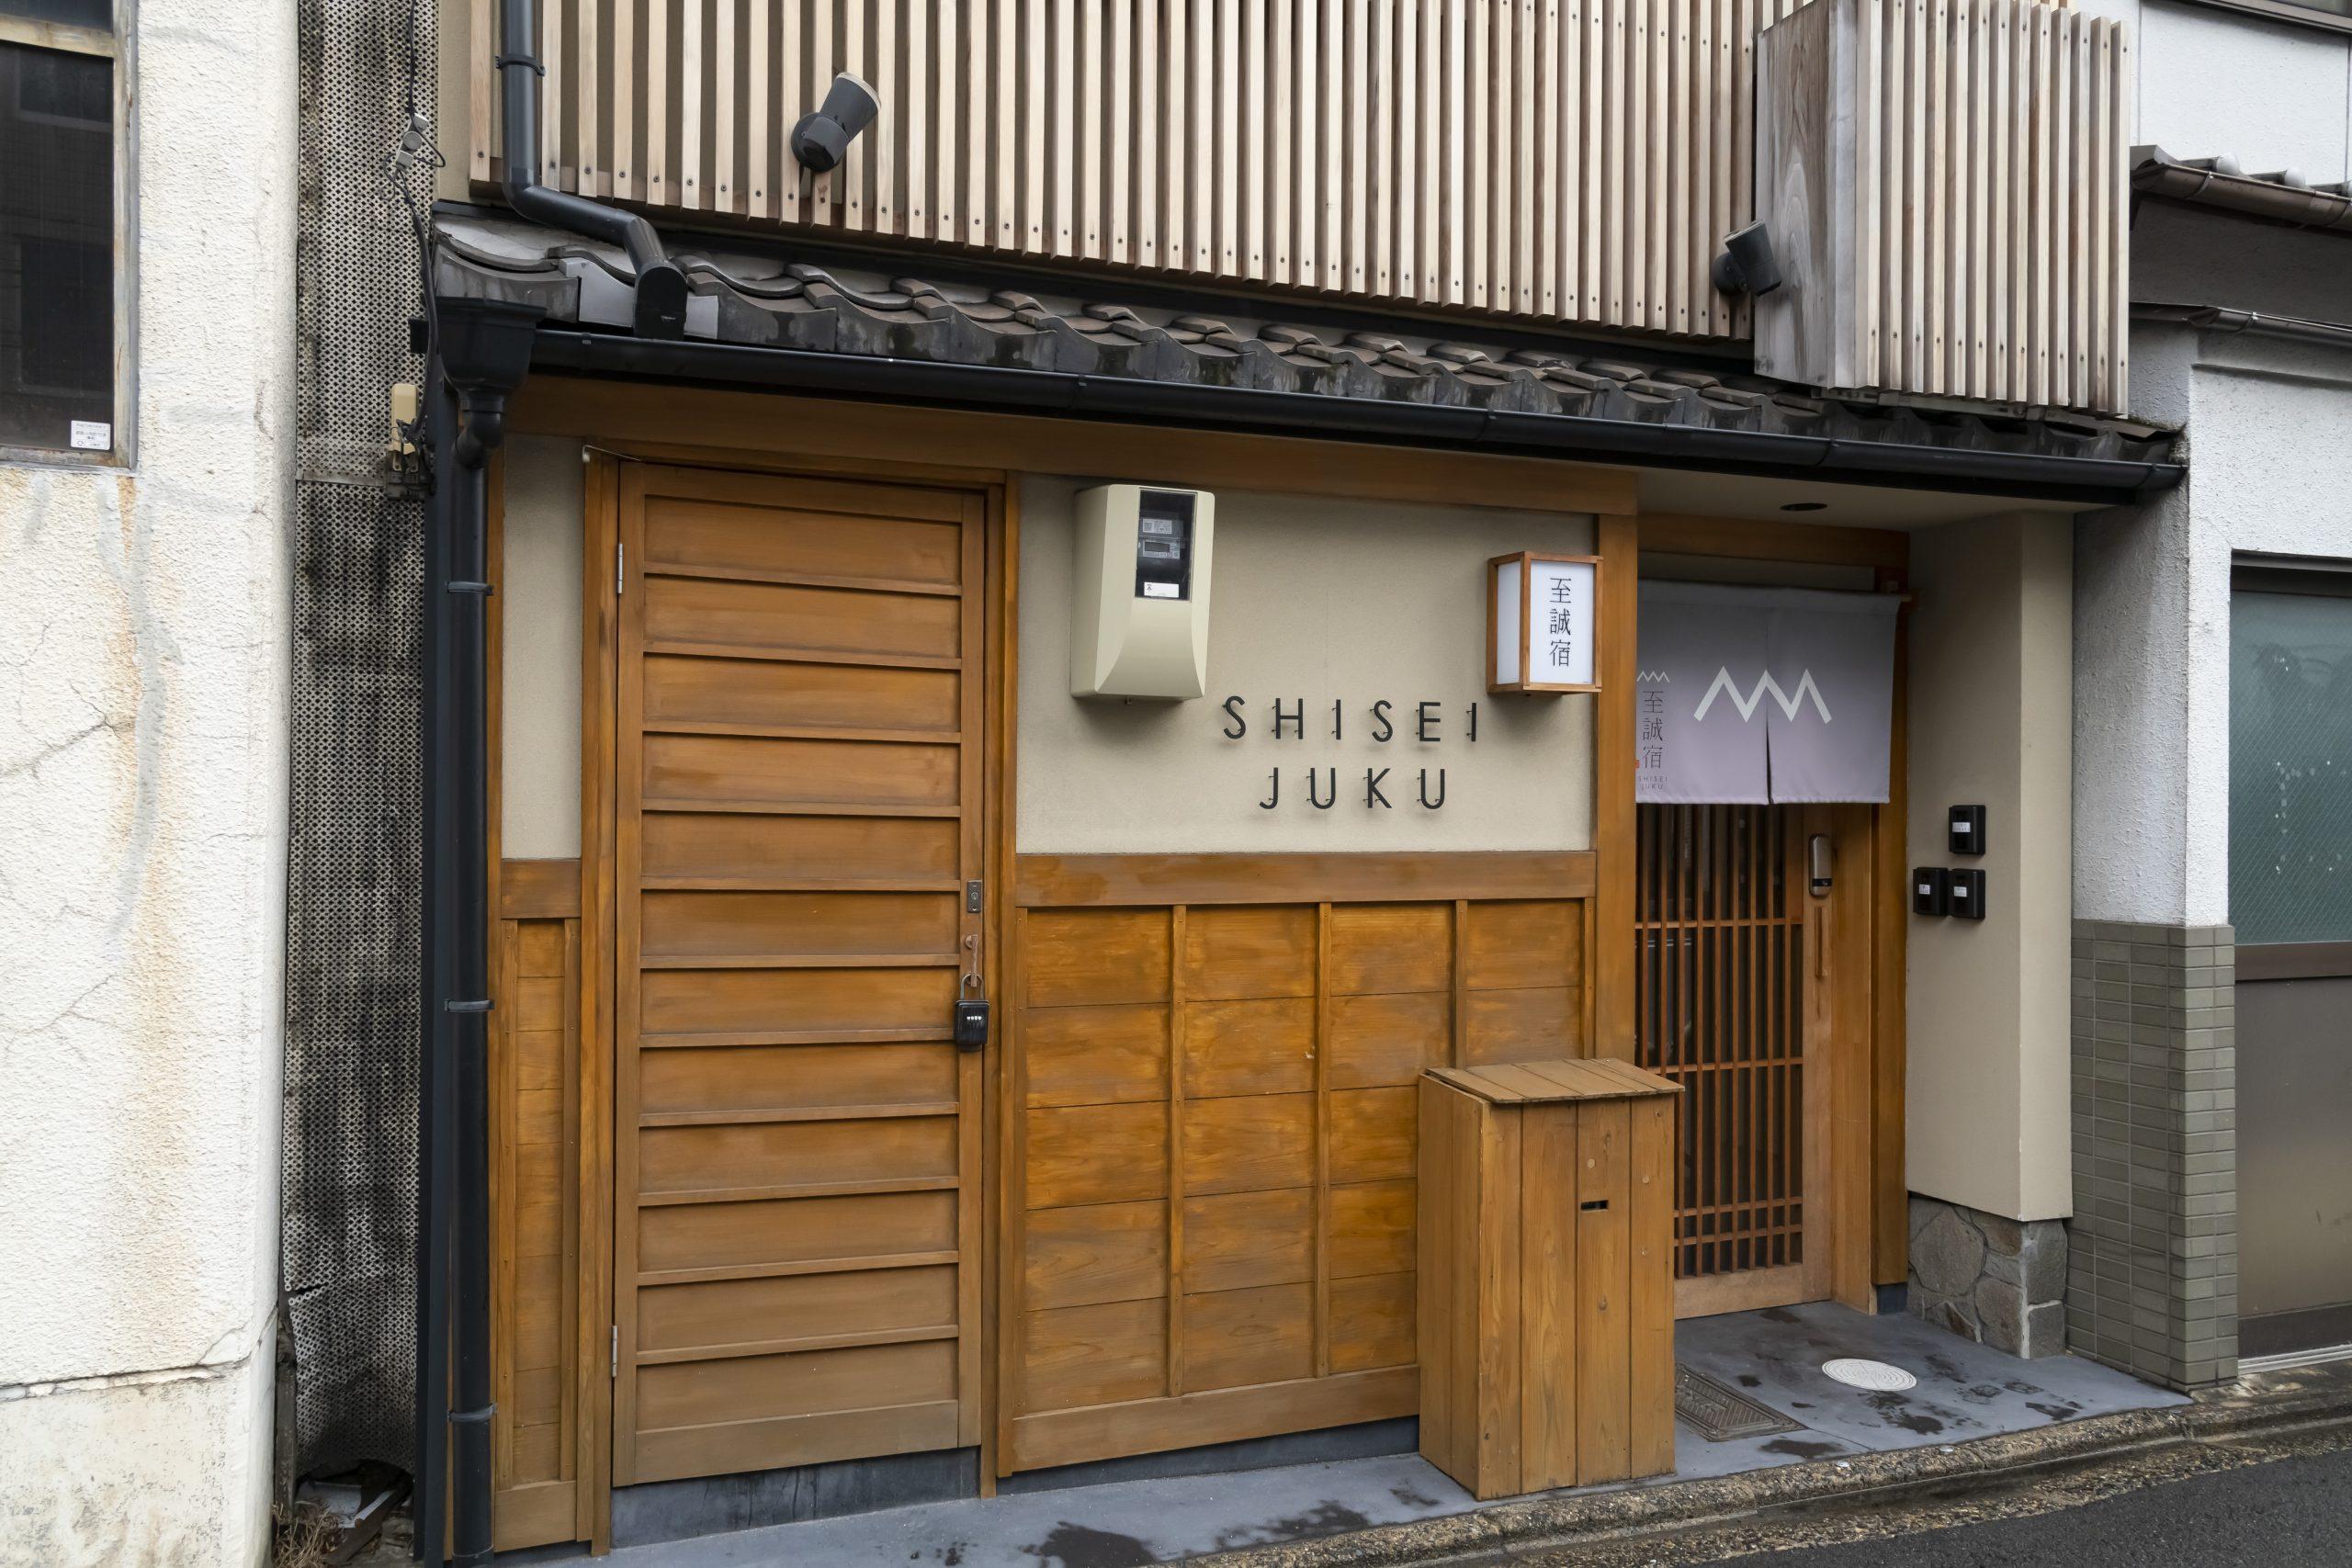 [90泊分]6泊(日~金)×15週 甲子(かし)檜風呂付和室 1~2名利用プラン